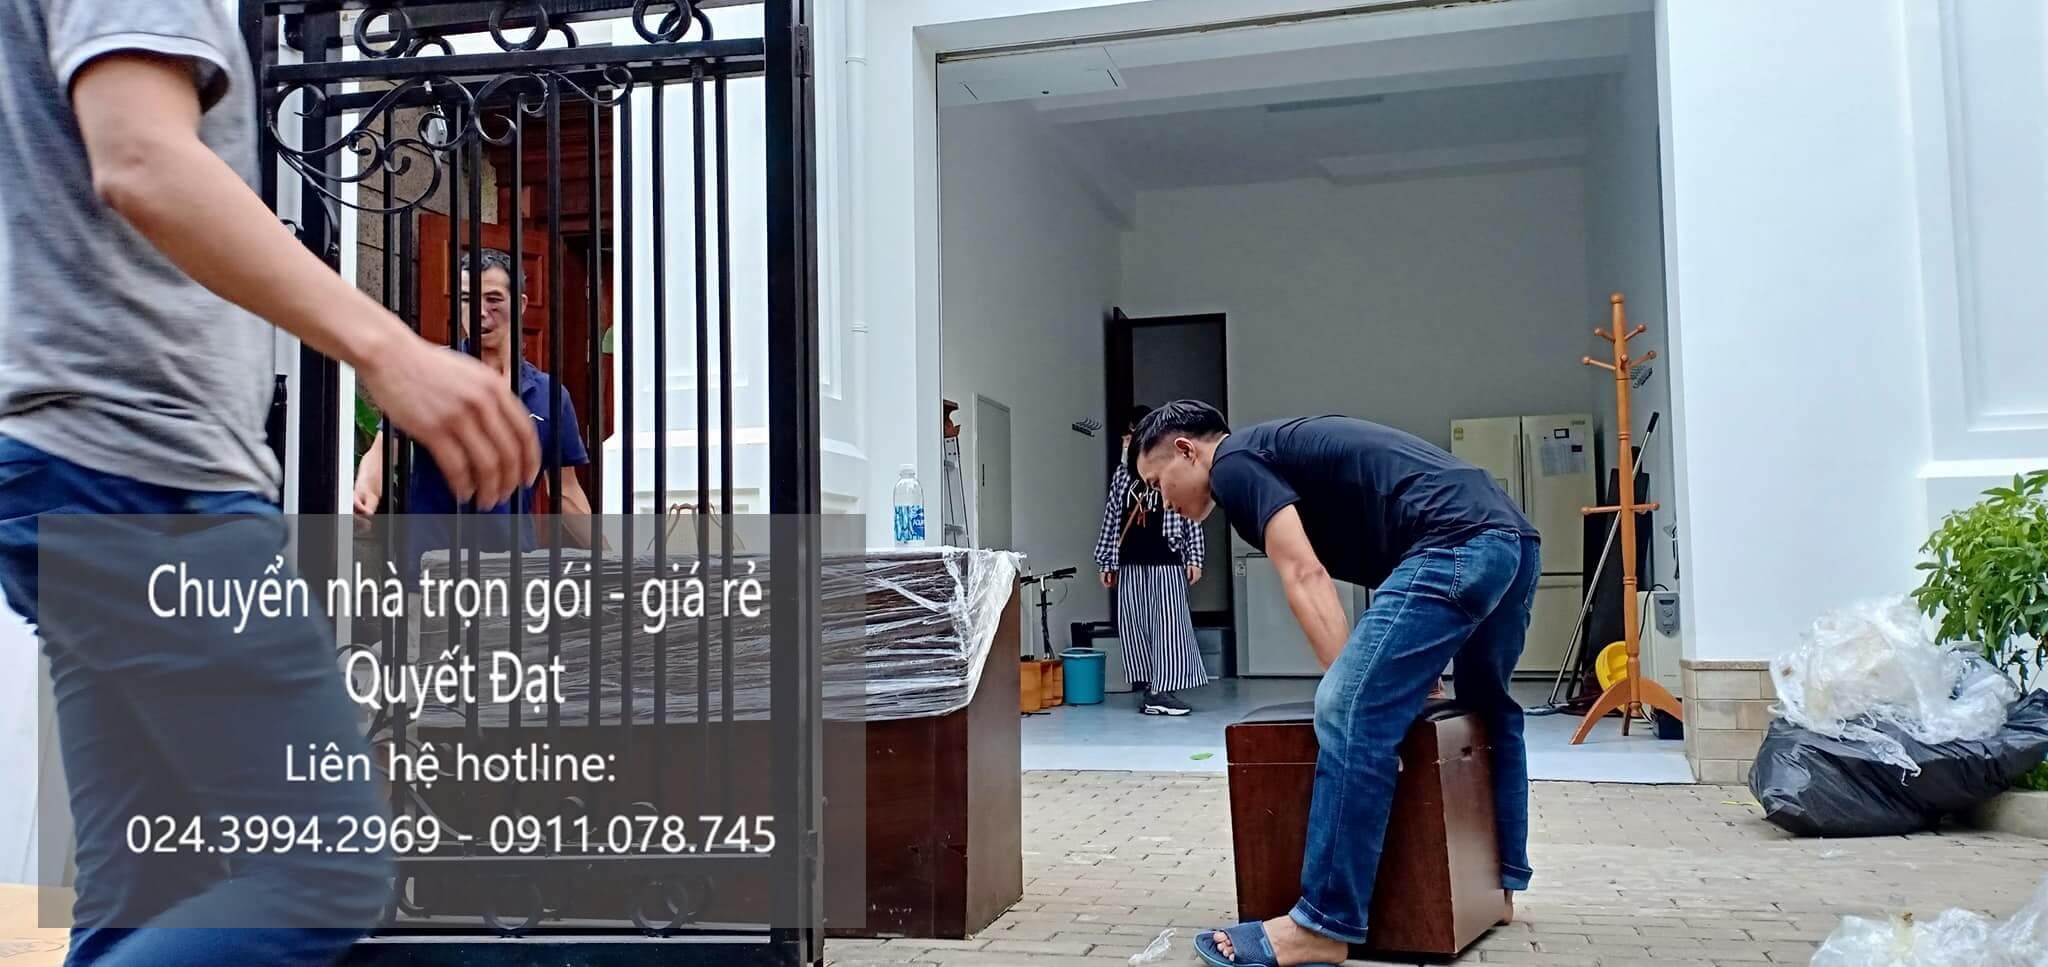 Dịch vụ chuyển nhà trọn gói Quyết Đạt tại phố Giải Phóng